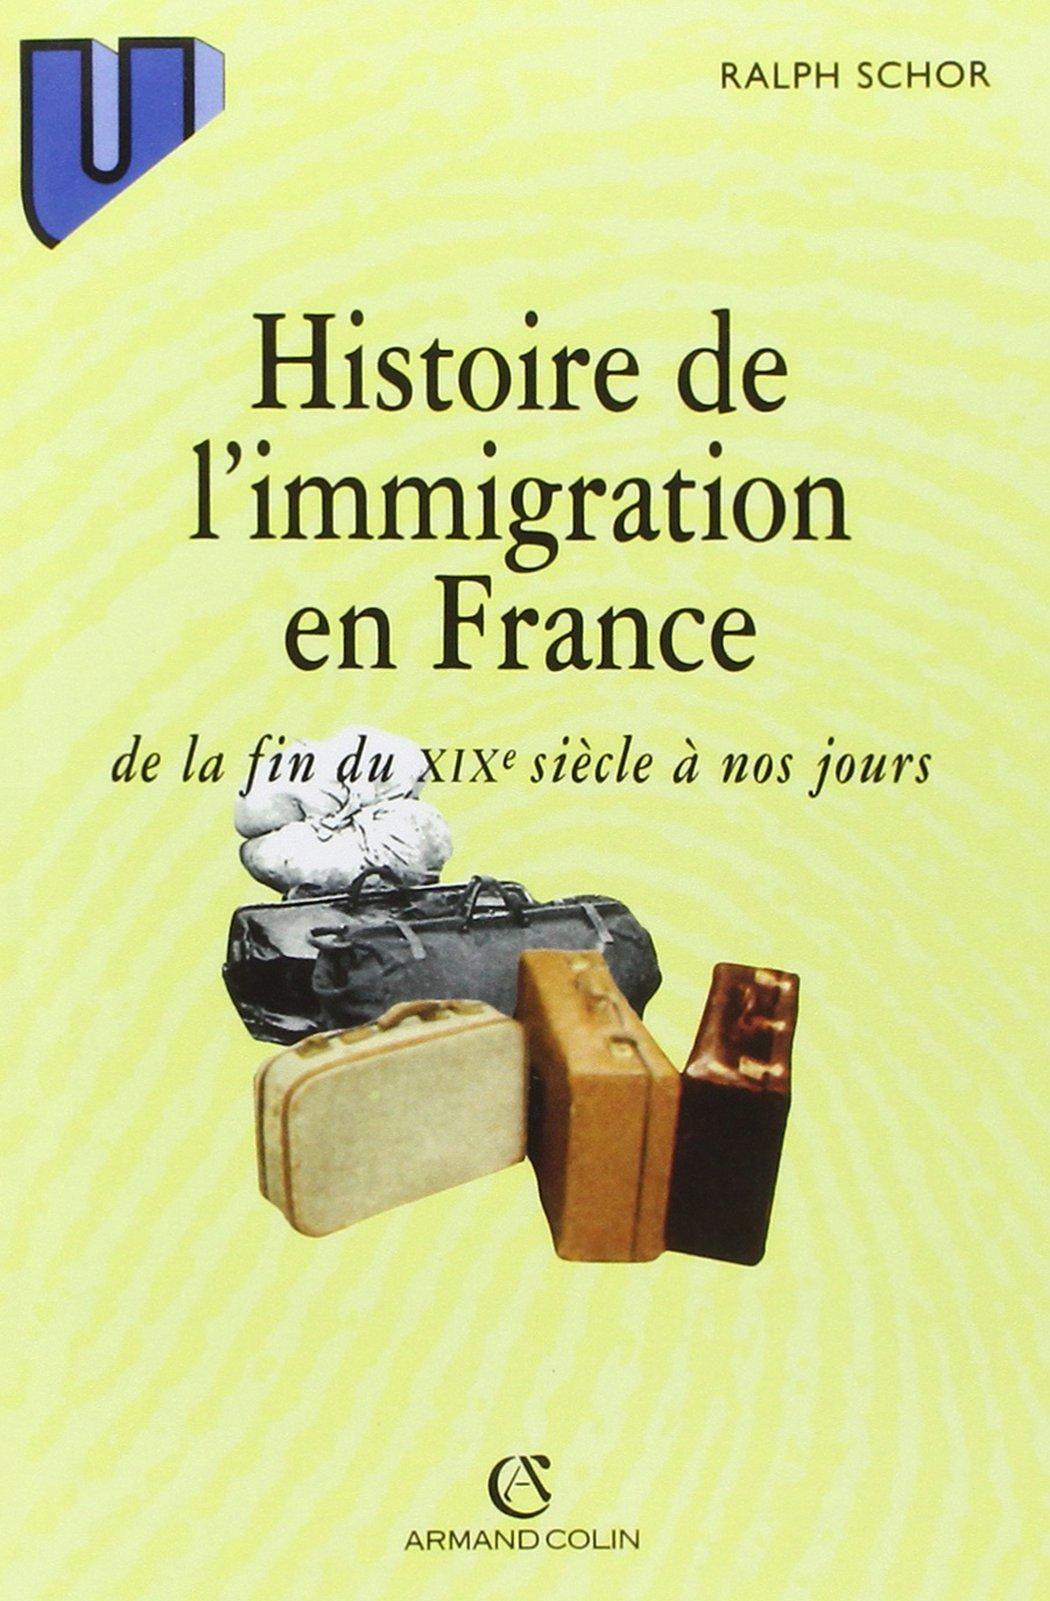 Histoire de l'immigration en France: de la fin du XIXe siècle à nos jours Broché – 2 janvier 1996 Ralph Schor Armand Colin 2200014341 History / General